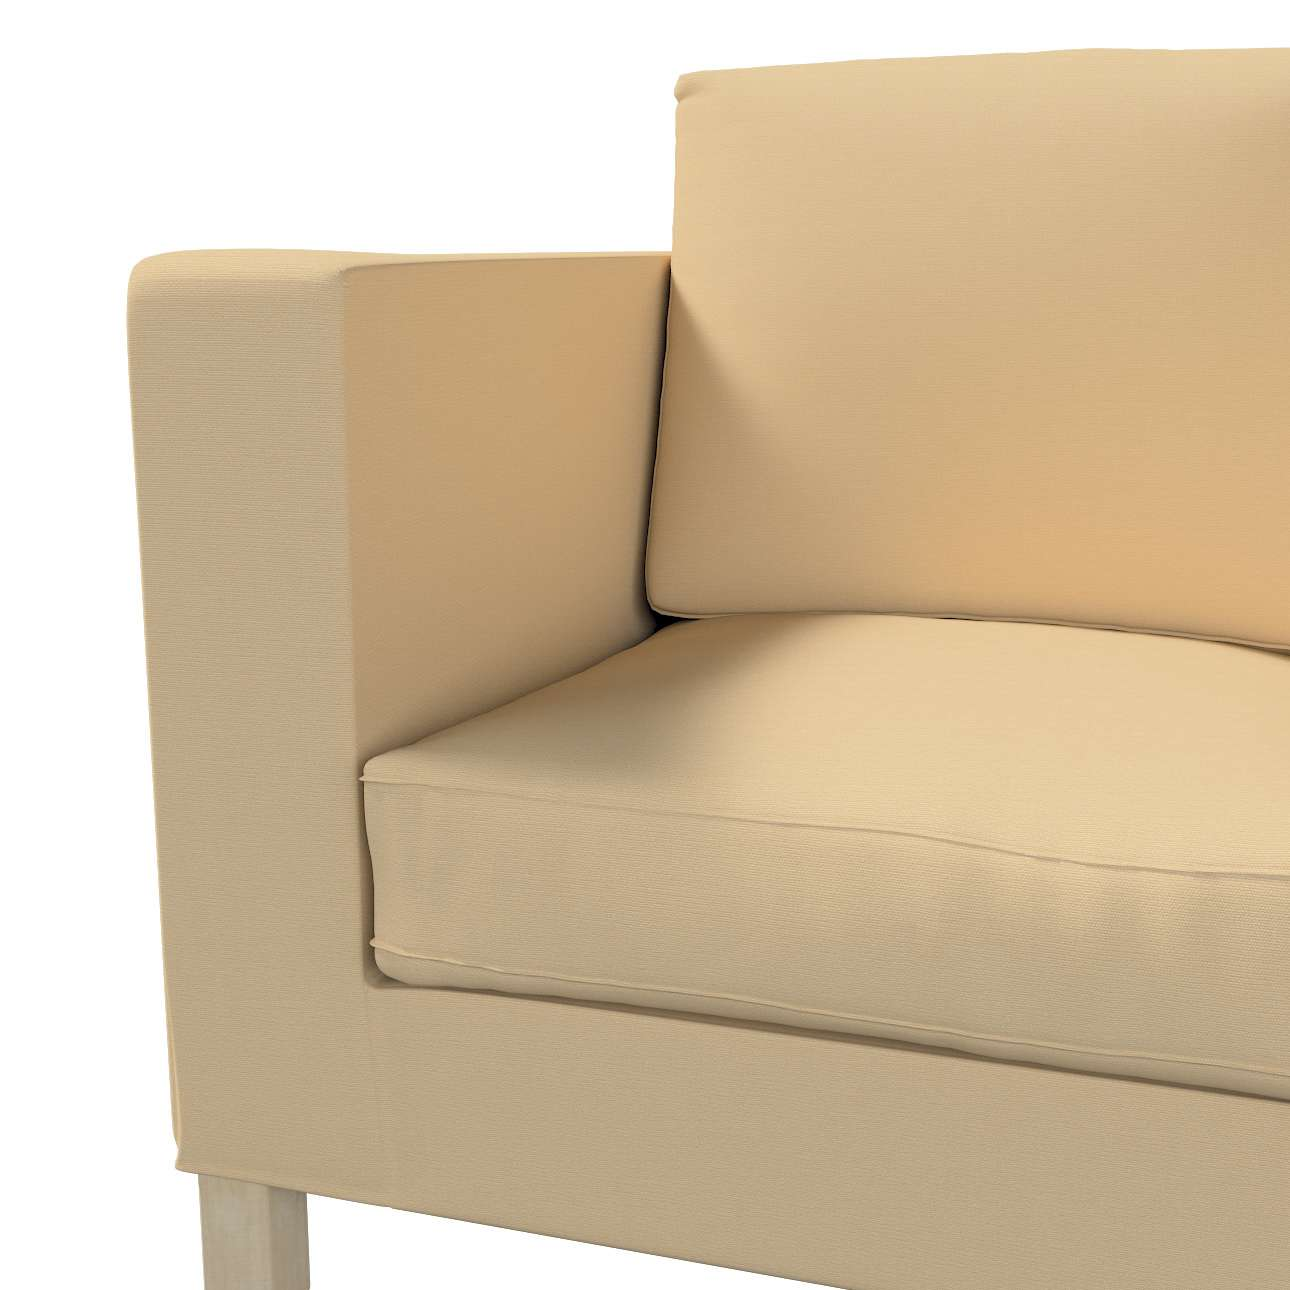 Pokrowiec na sofę Karlanda 2-osobową nierozkładaną, krótki w kolekcji Cotton Panama, tkanina: 702-01